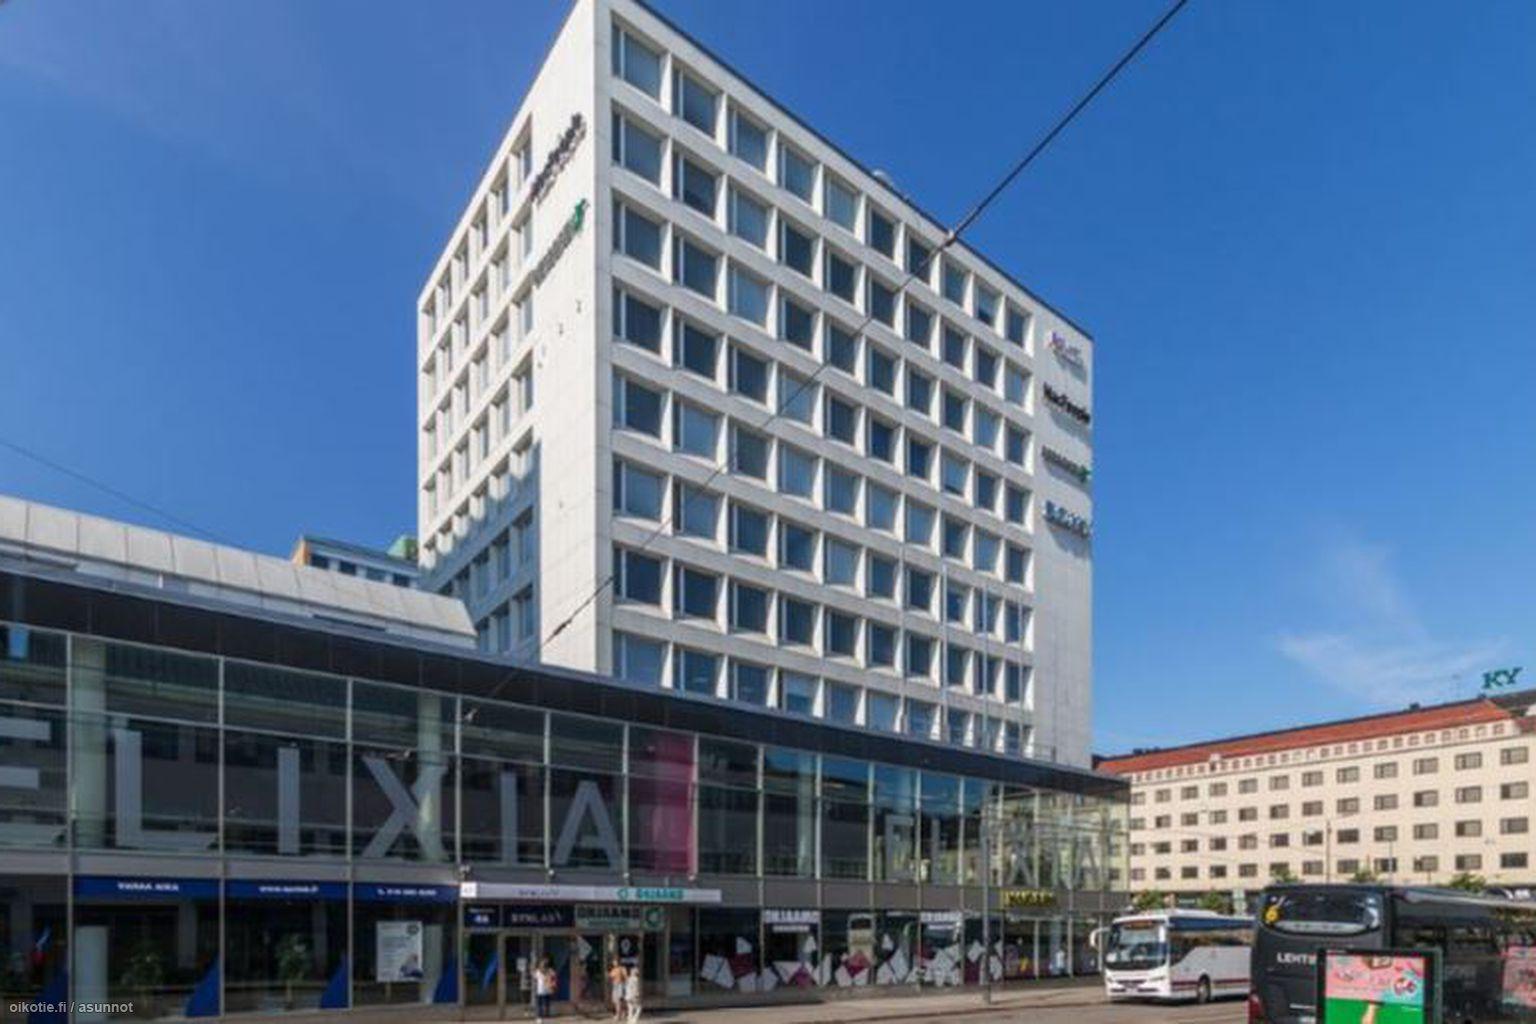 Helsinki 00100